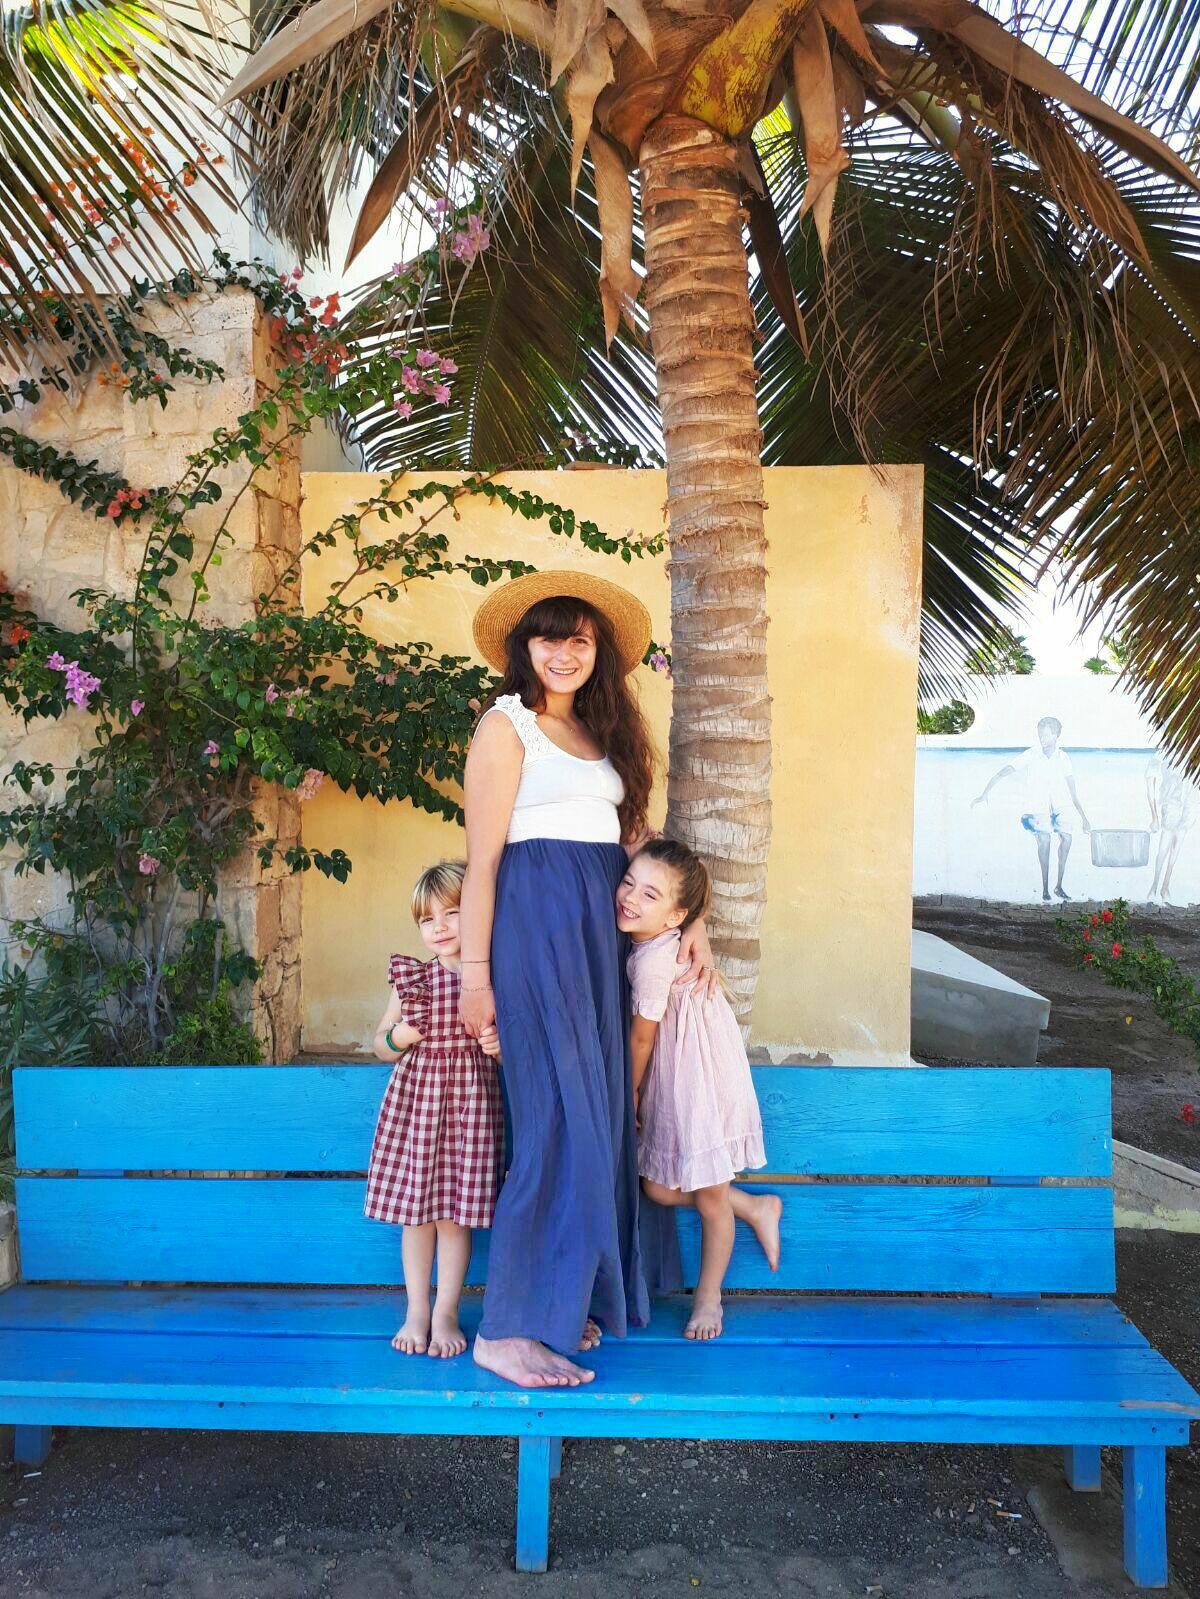 Vacanze in famiglia mare in inverno capo verde ninakina for Vacanze in famiglia